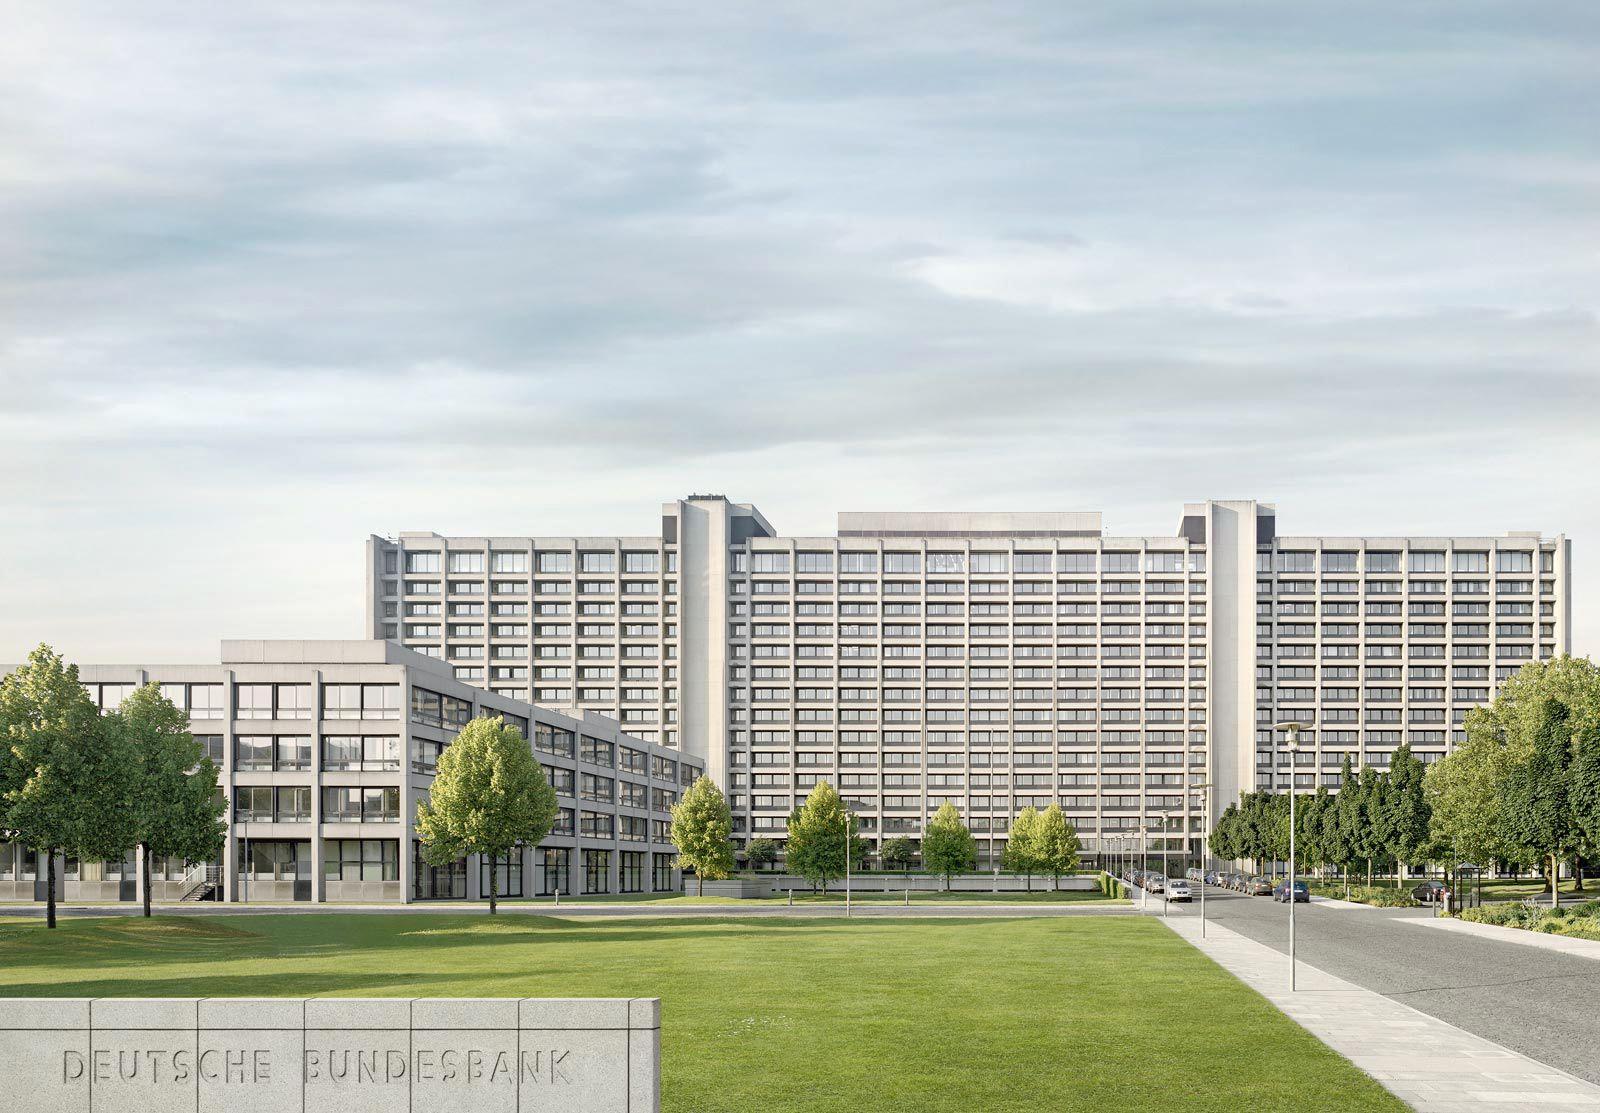 Deutsche Bundesbank / Gebäude